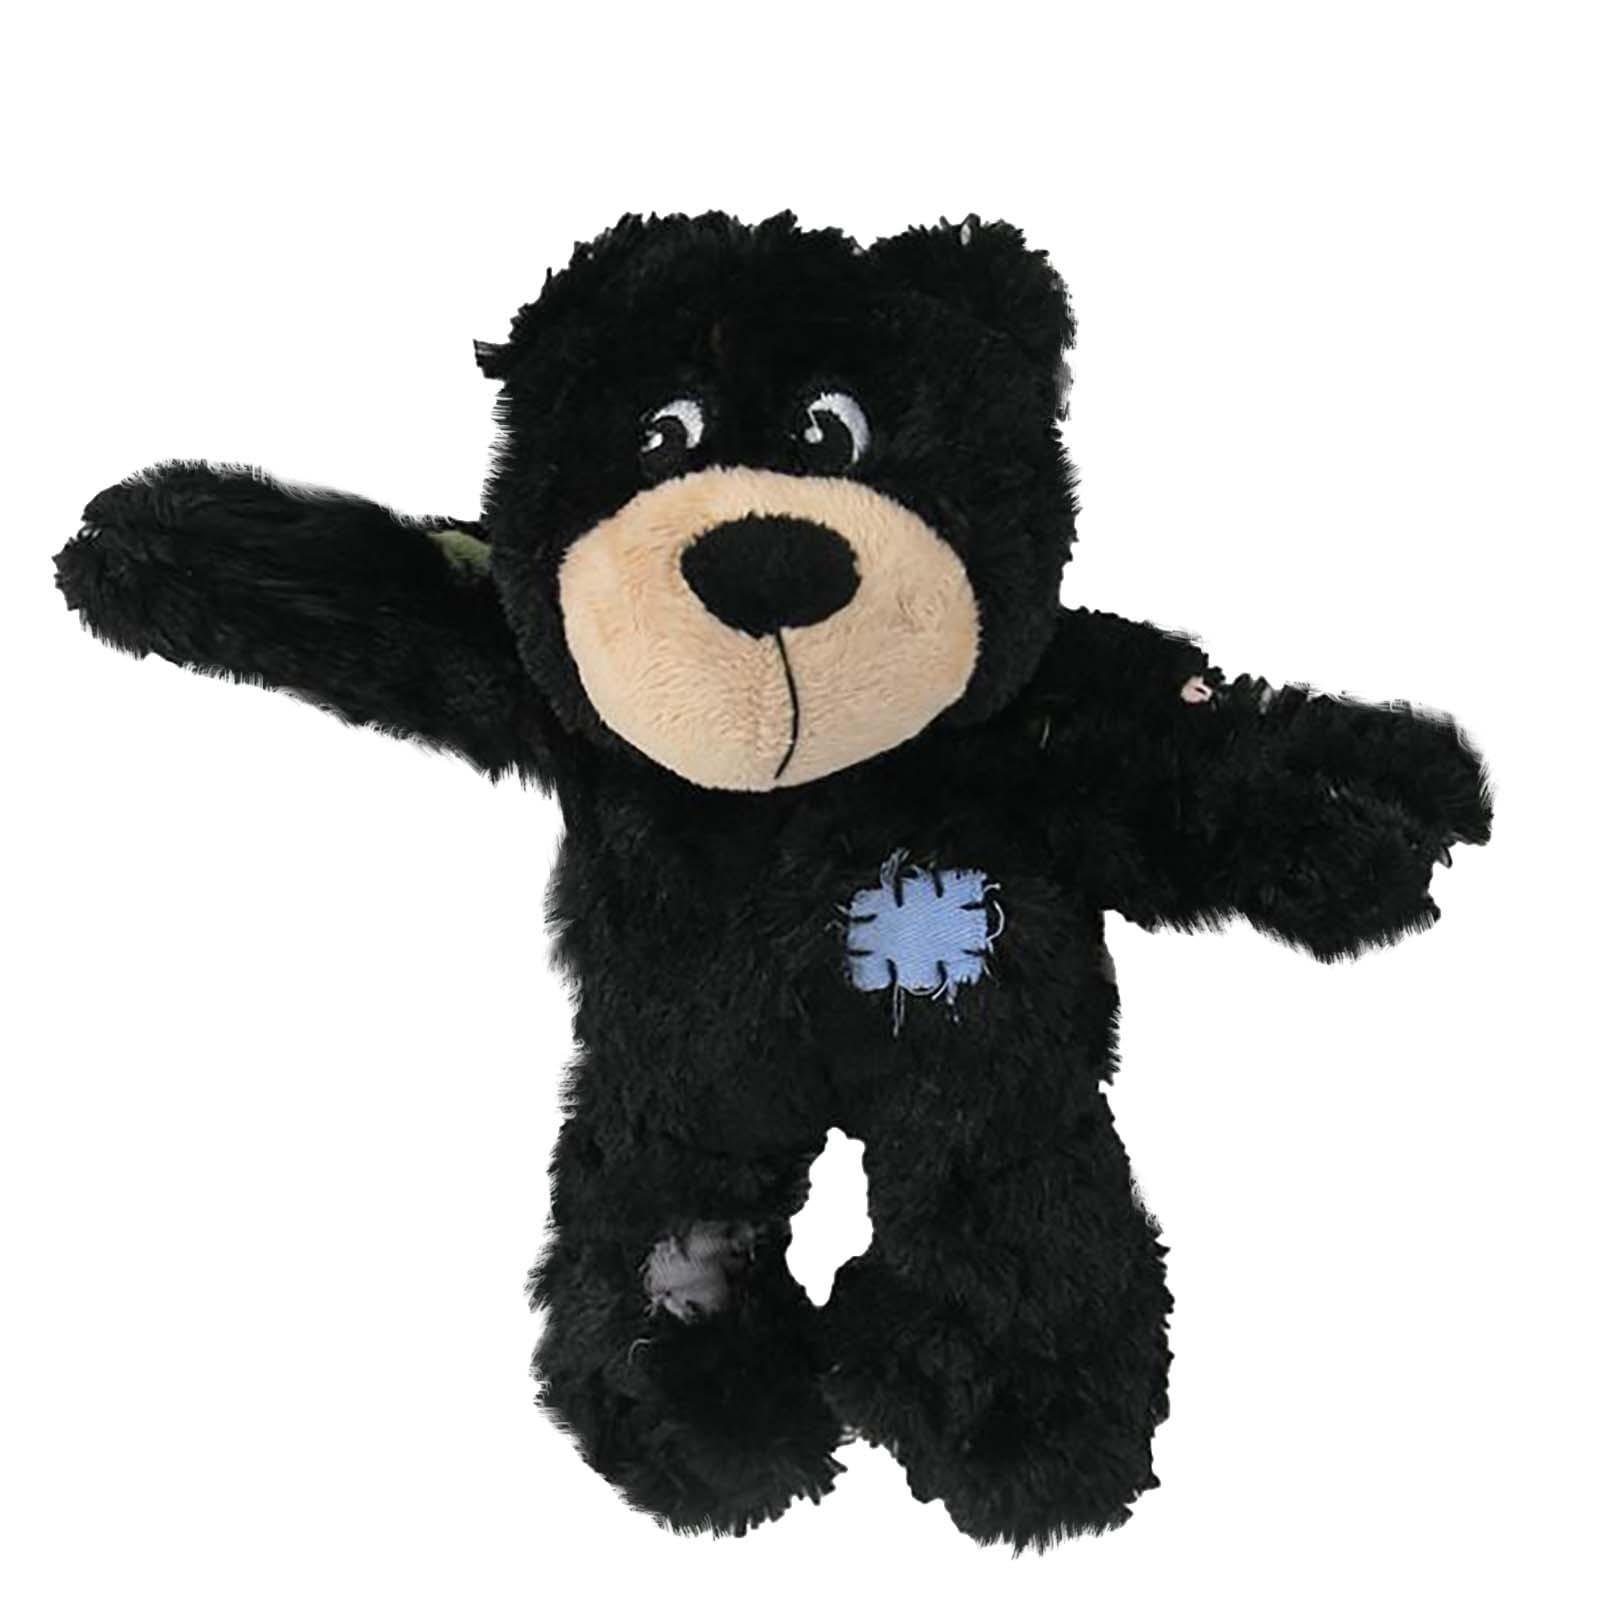 Pet dayanıklı oyuncak köpek bez bebek yama ayı Kawaii oyuncak ısırma ses (siyah) rahat ilginç evcil hayvan doğum günü hediyesi игрушки